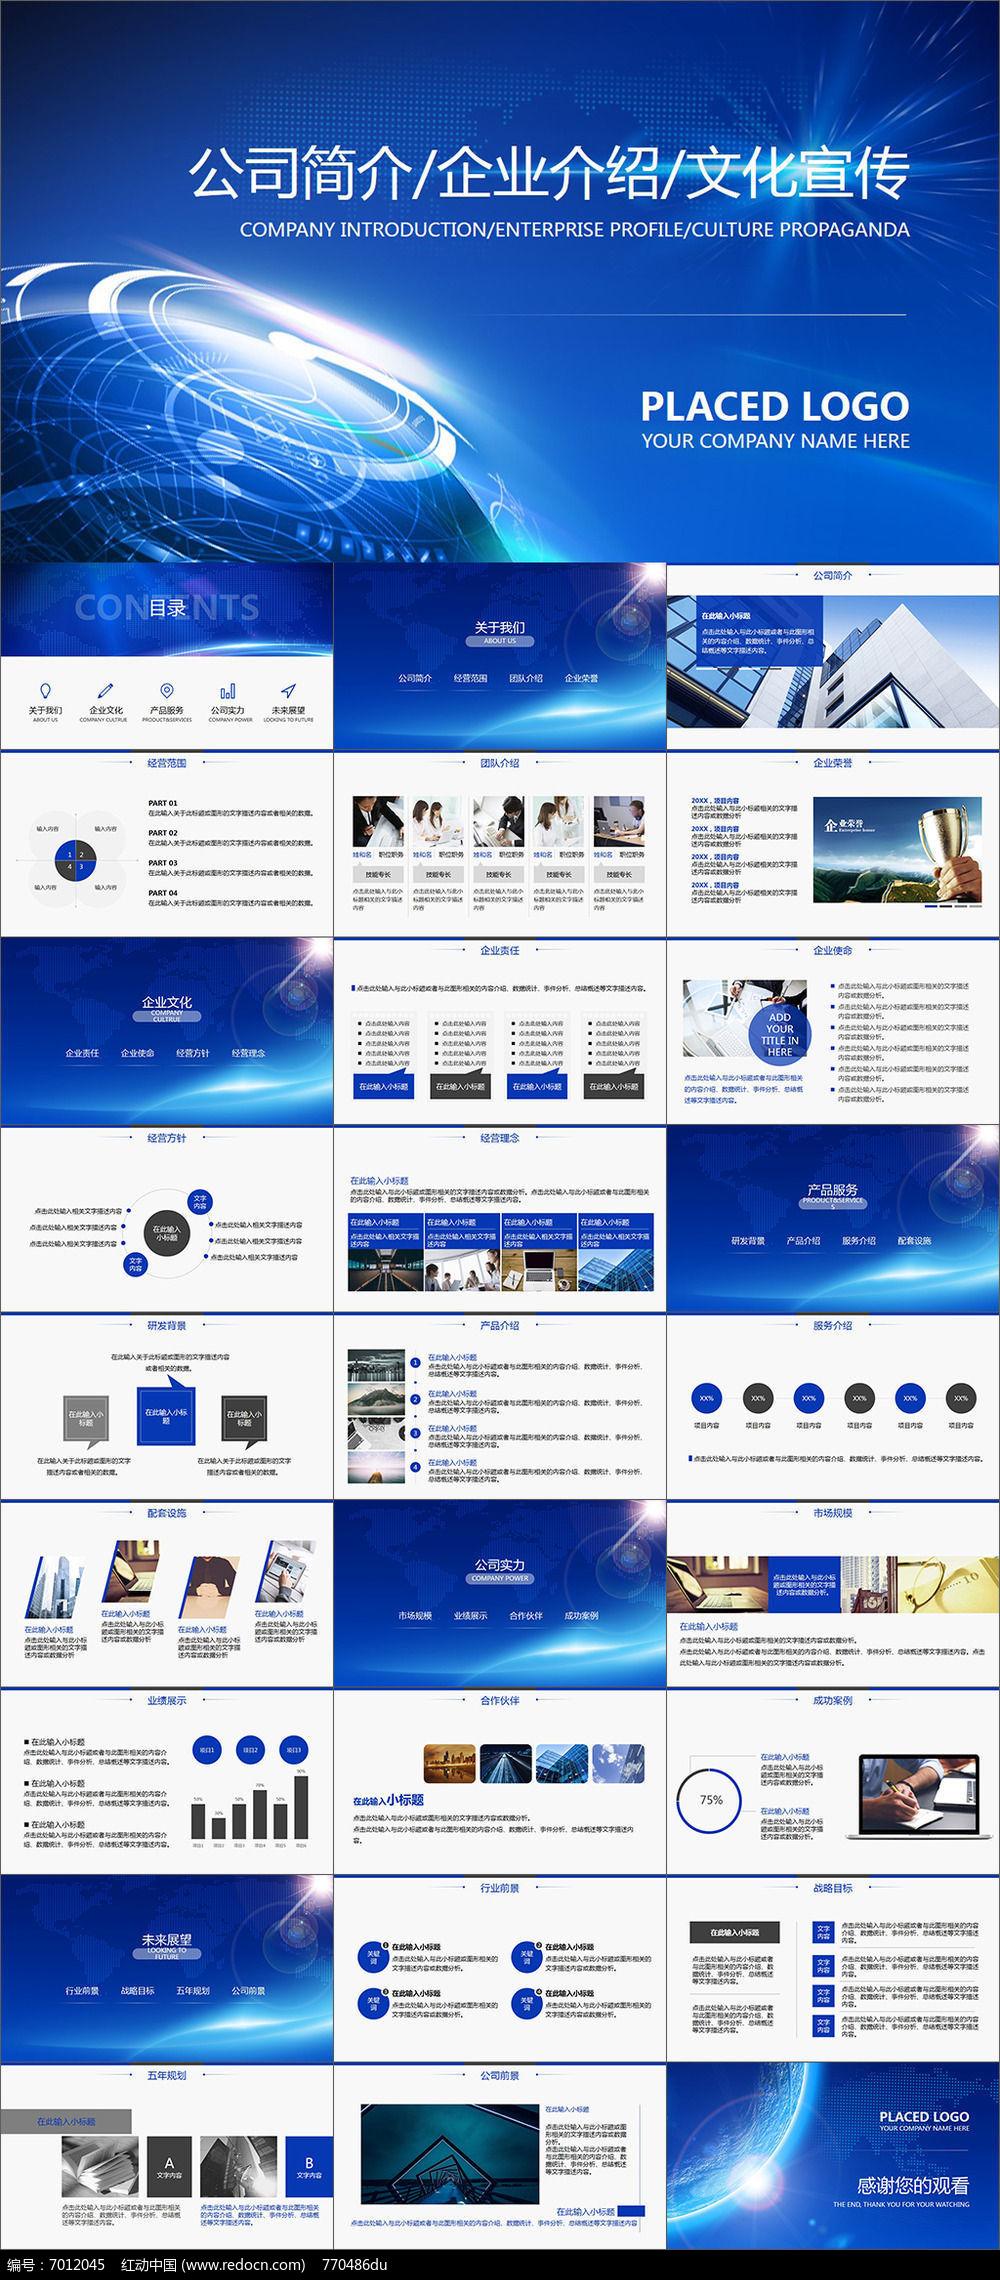 素材描述:红动网提供商务贸易ppt精品原创素材下载,您当前访问作品图片